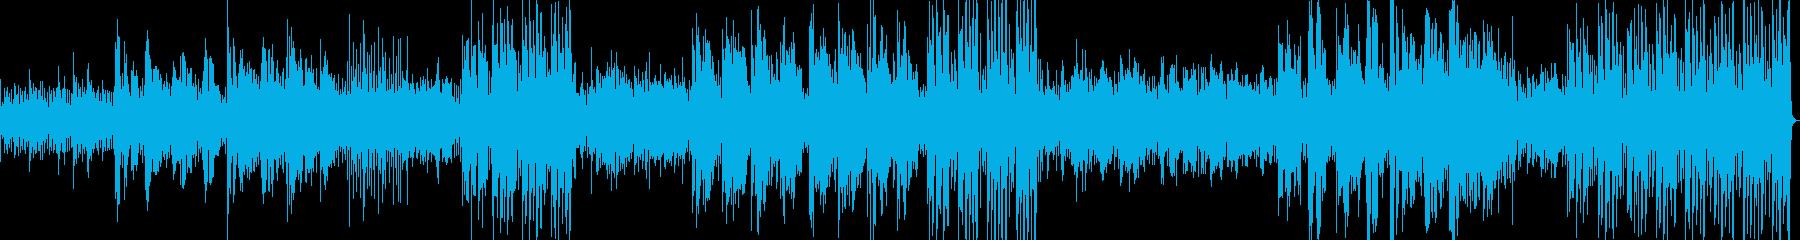 ソロボーカルとアコースティックギタ...の再生済みの波形